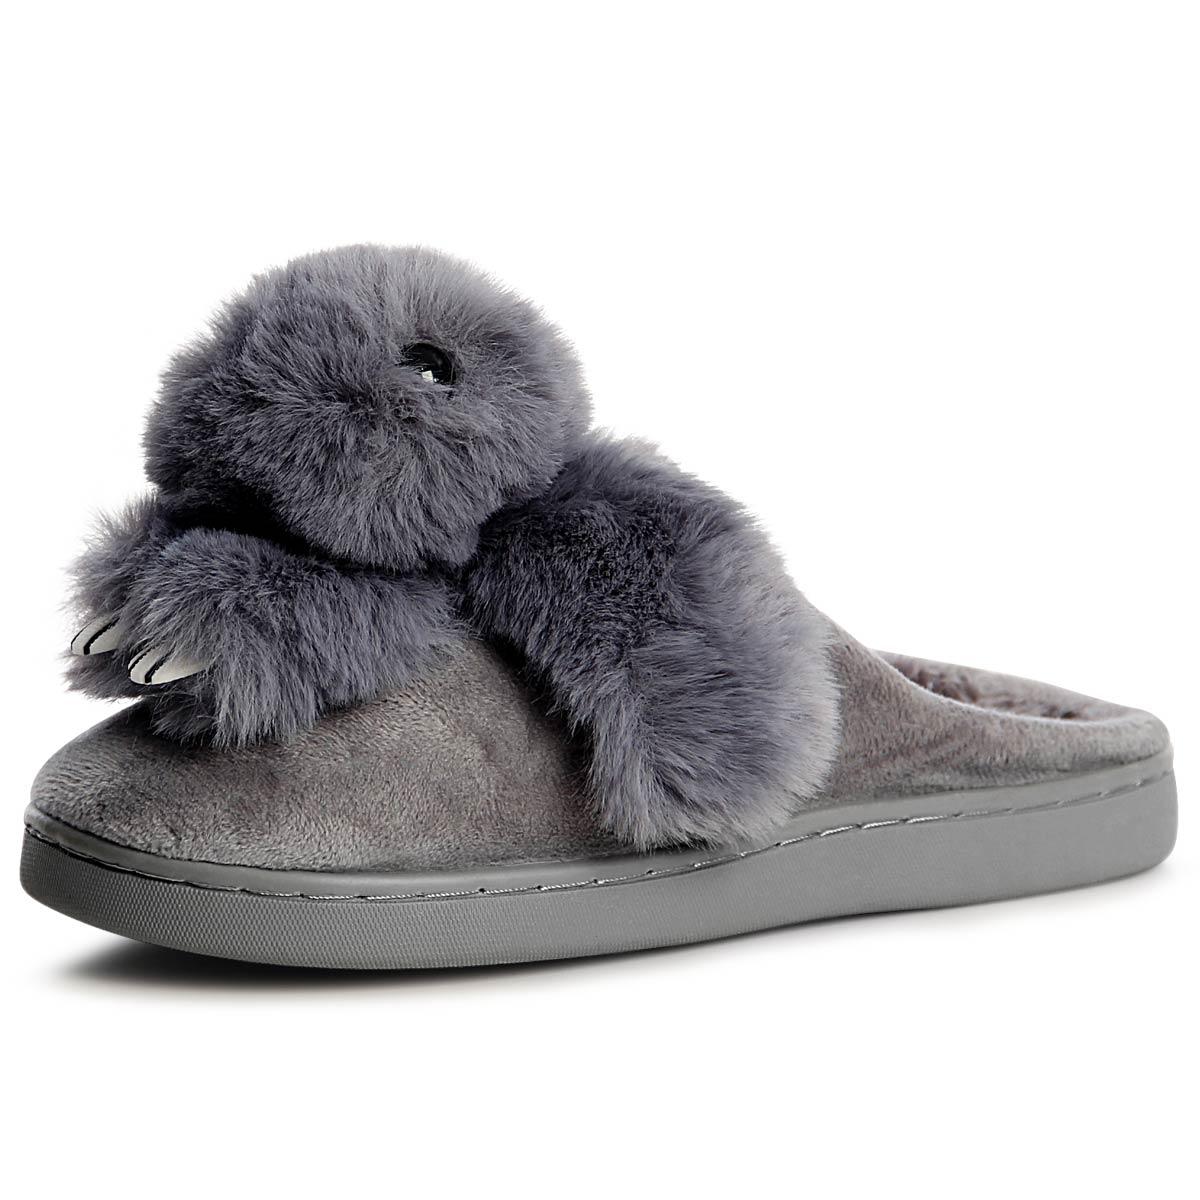 8bd55882486cb6 Damen Plateau Pantoffeln Hausschuhe Pantoletten Slipper Loafer Bunny ...